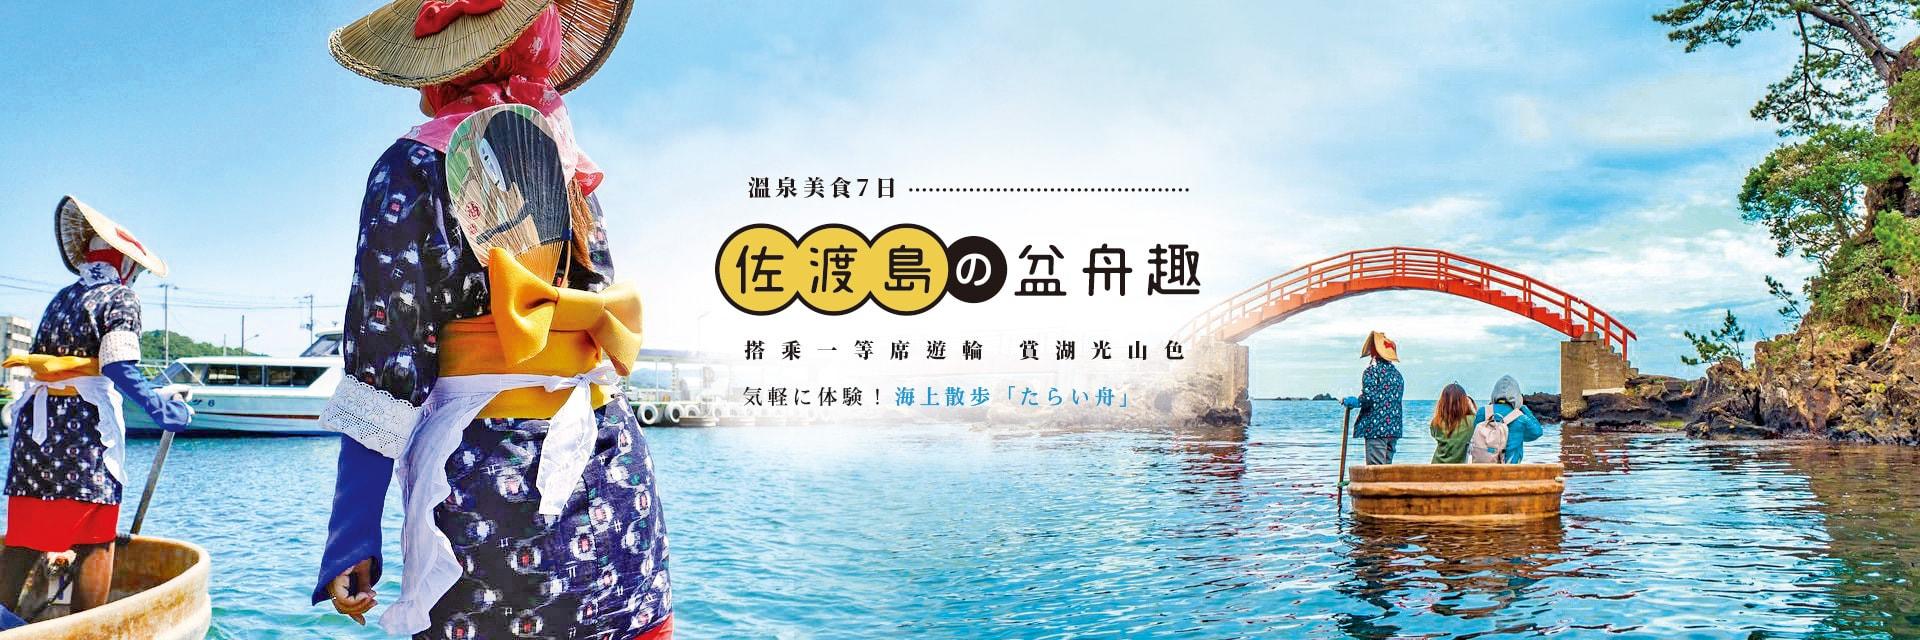 上順旅遊、日本旅遊、新瀉、佐渡島